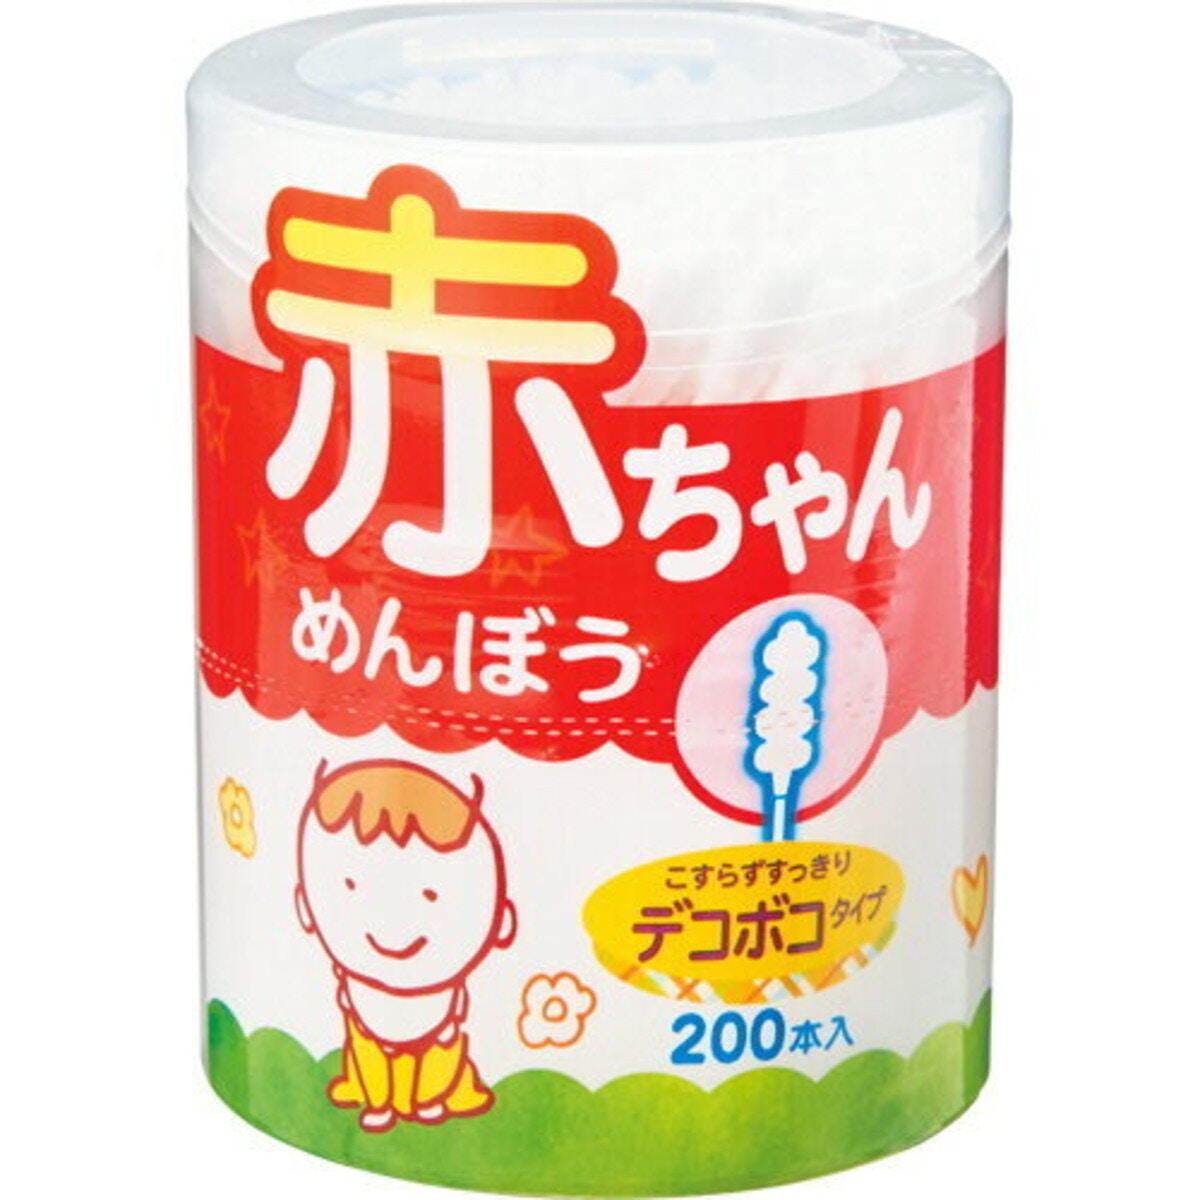 サンリツ 赤ちゃんにうれしい綿棒 デコボコタイプ 1パック(200本)